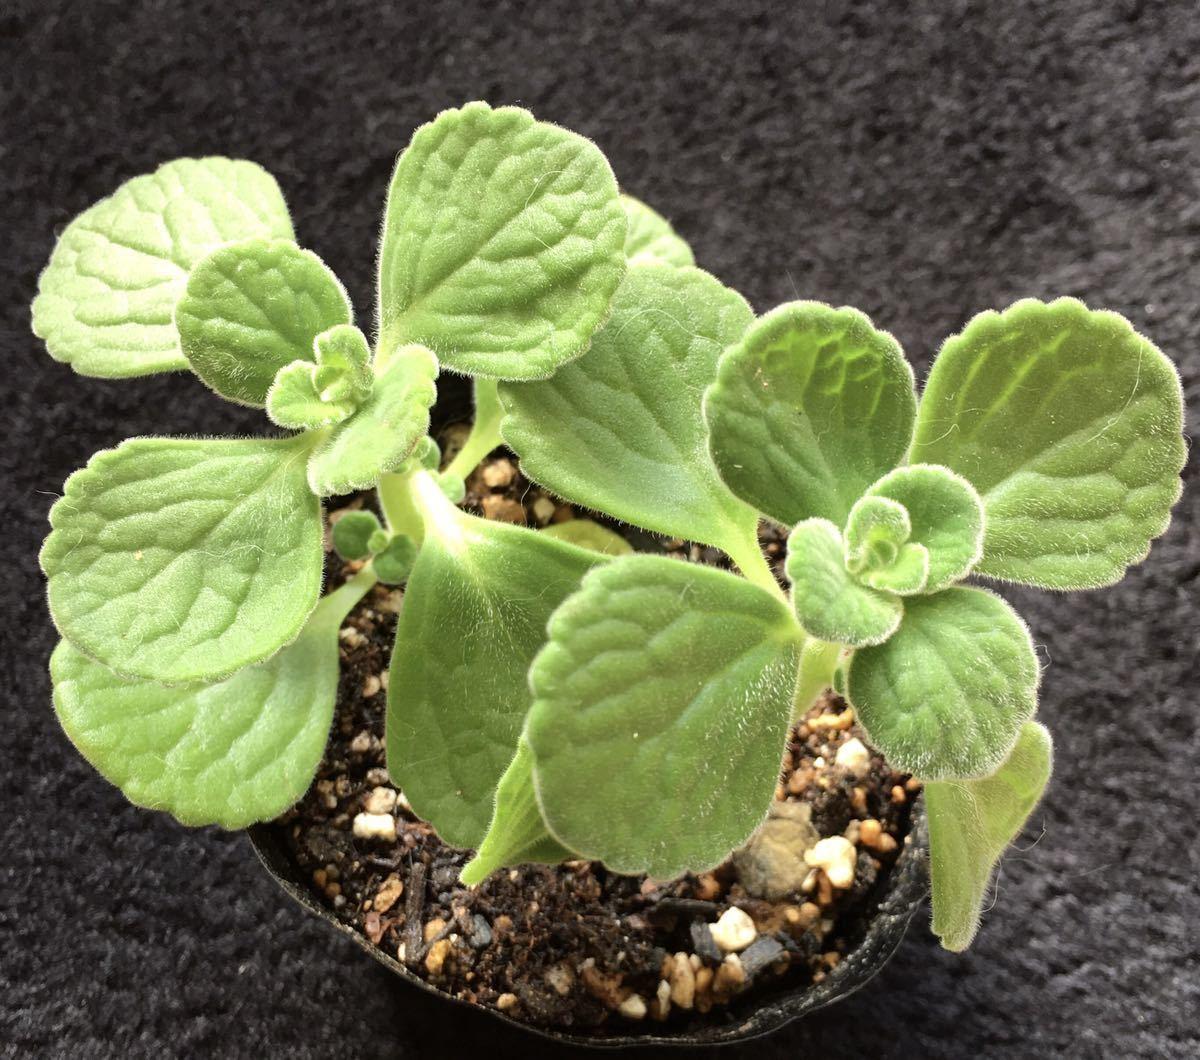 アロマティカス 多肉植物 ハーブ 抜き苗2本 オマケ付き _画像1